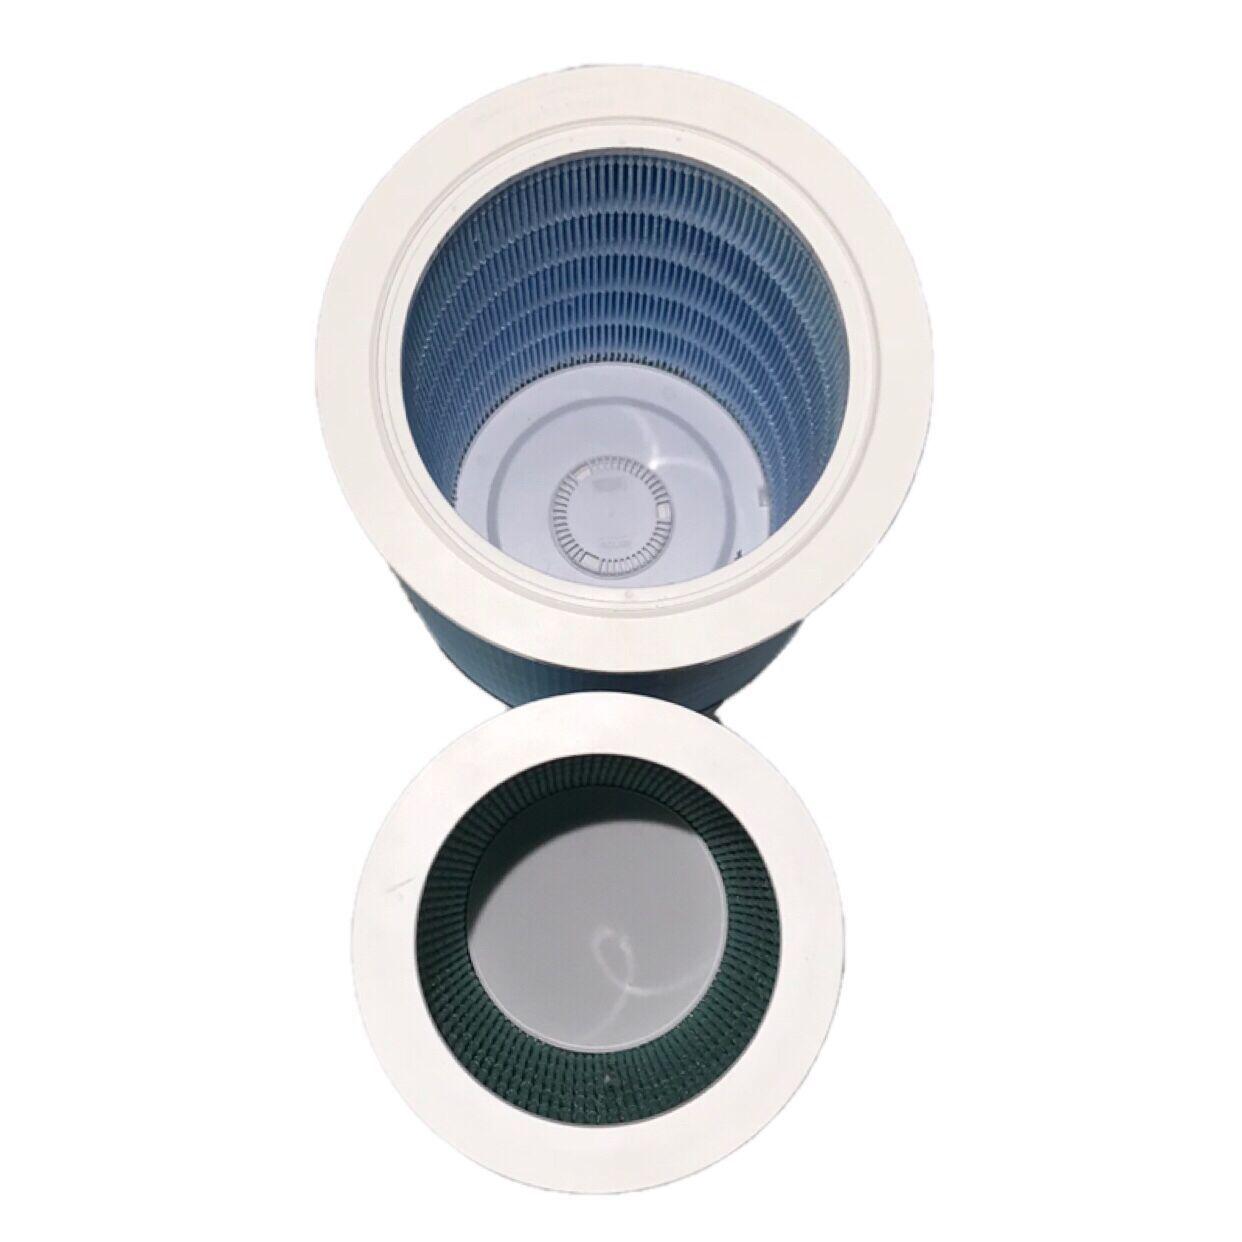 厂家批发 适配小米空气净化器过滤网1代2代pro增强版高效滤芯